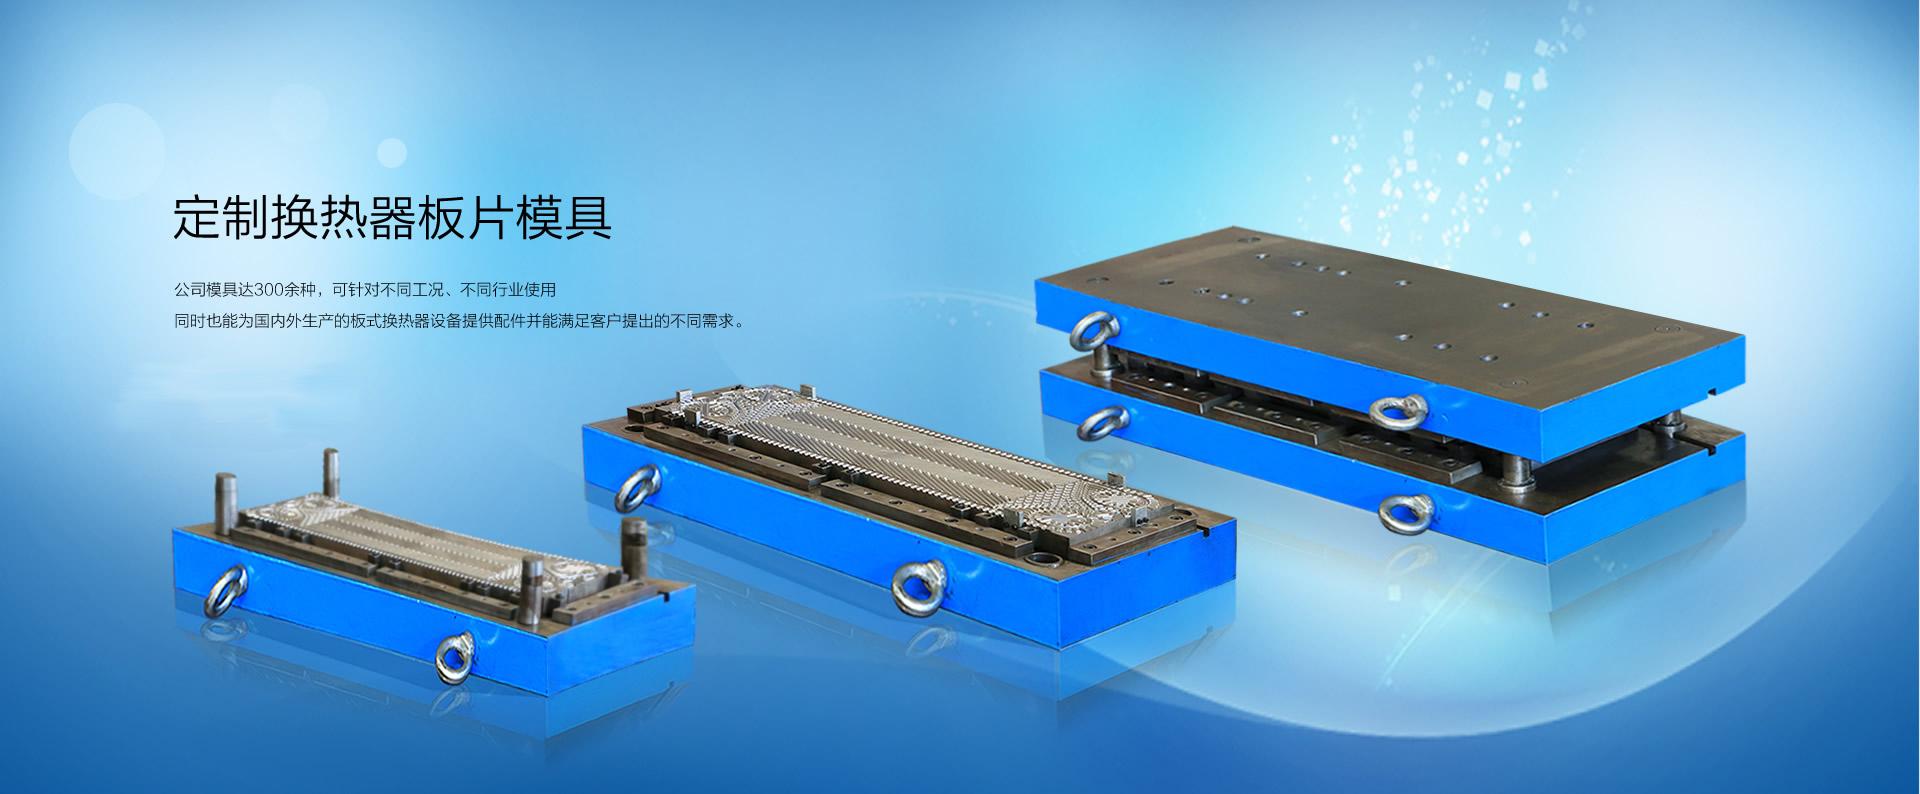 板式换热器板片模具.jpg